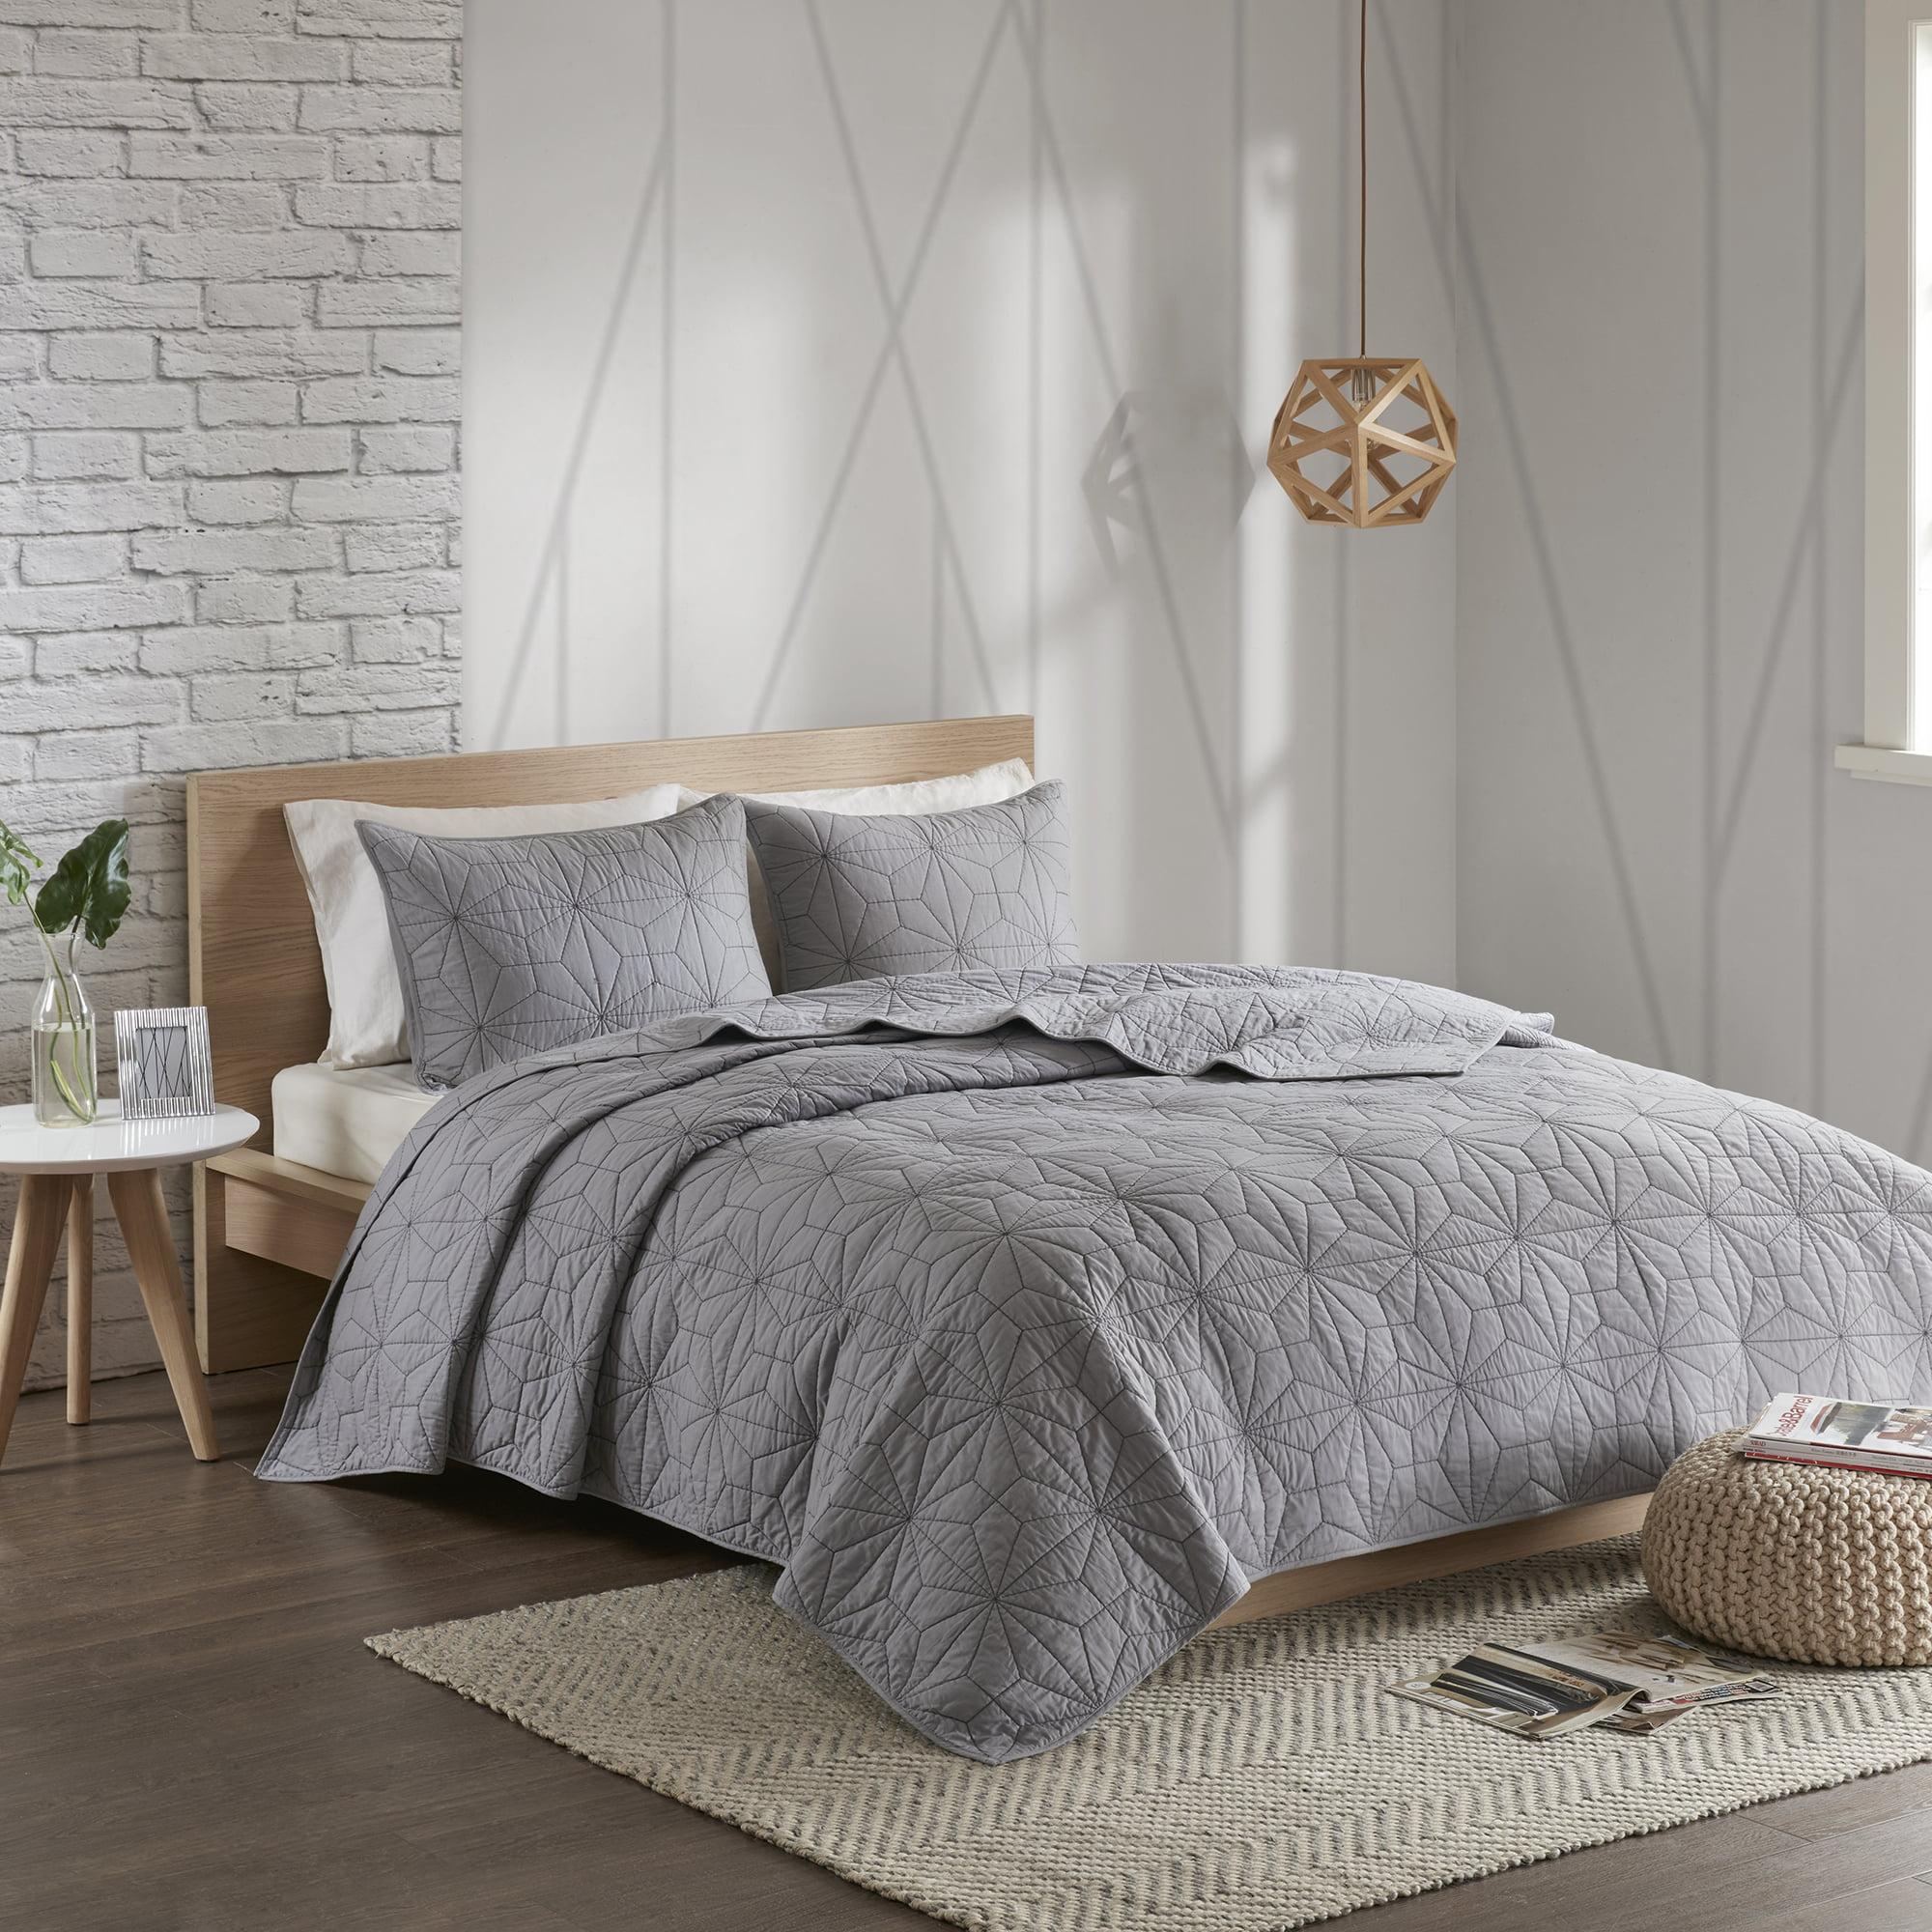 Home Essence Apartment Harper 3 Piece Reversible Cotton Coverlet Set